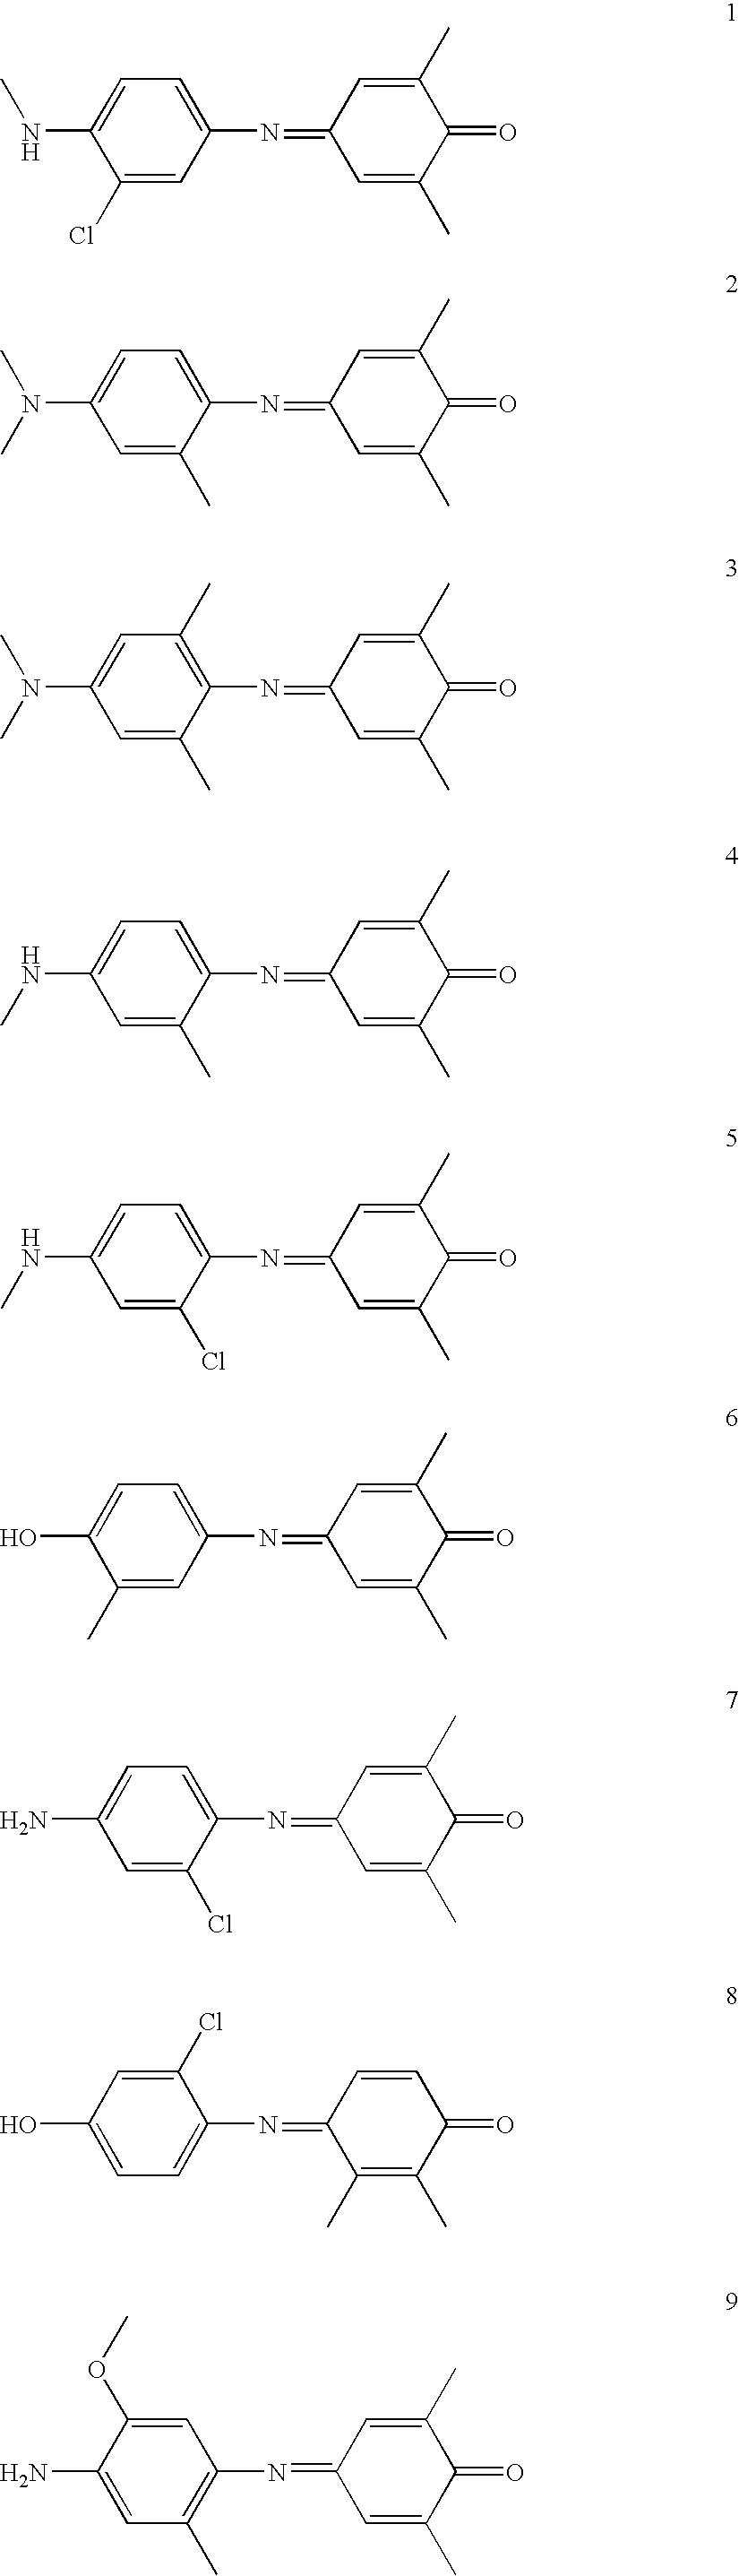 Figure US07645304-20100112-C00014